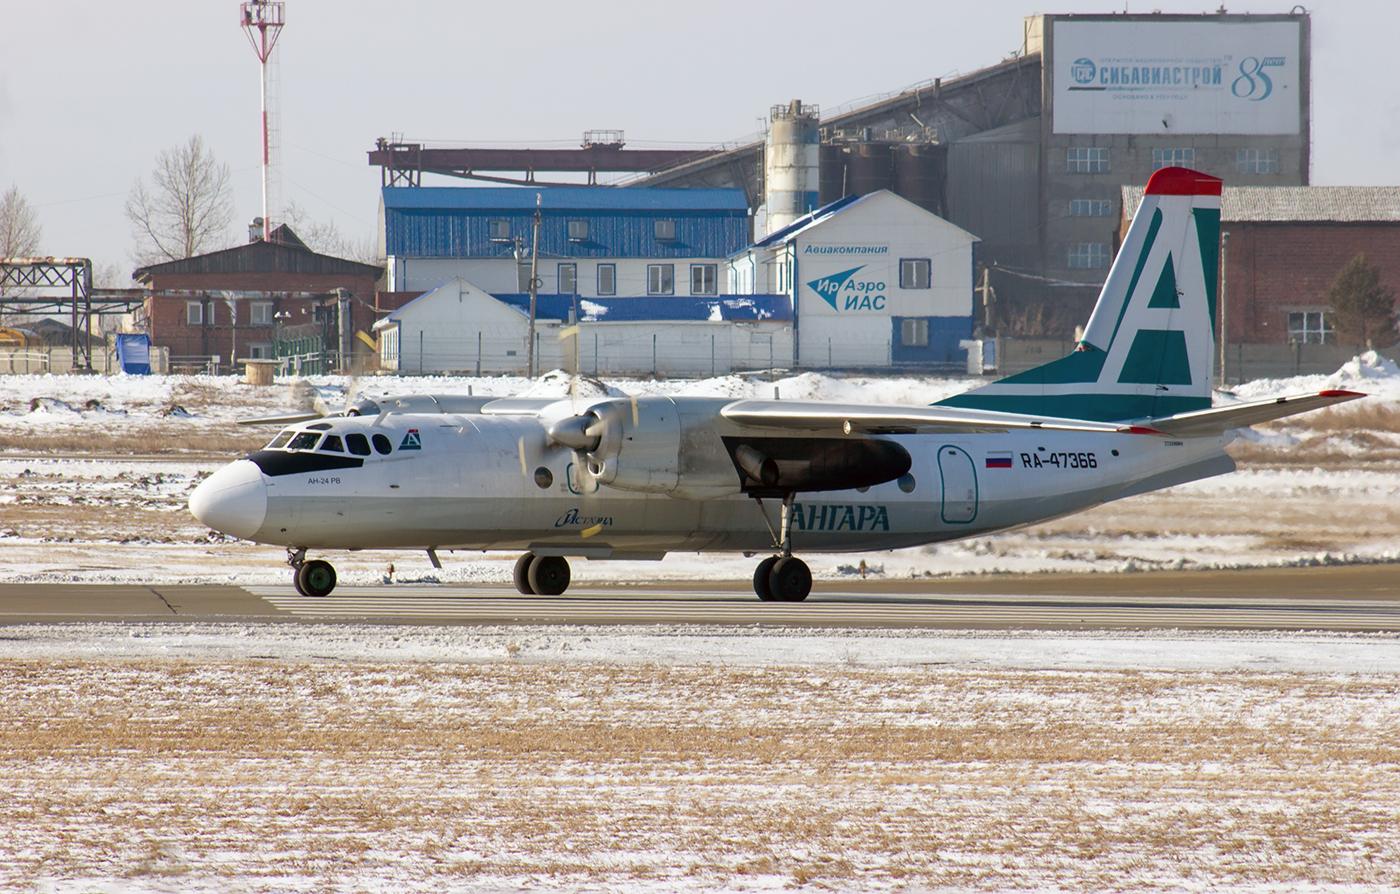 """Самолет АН-24 RA-47366 авиакомпании """"Ангара"""" в аэропорту Иркутска"""